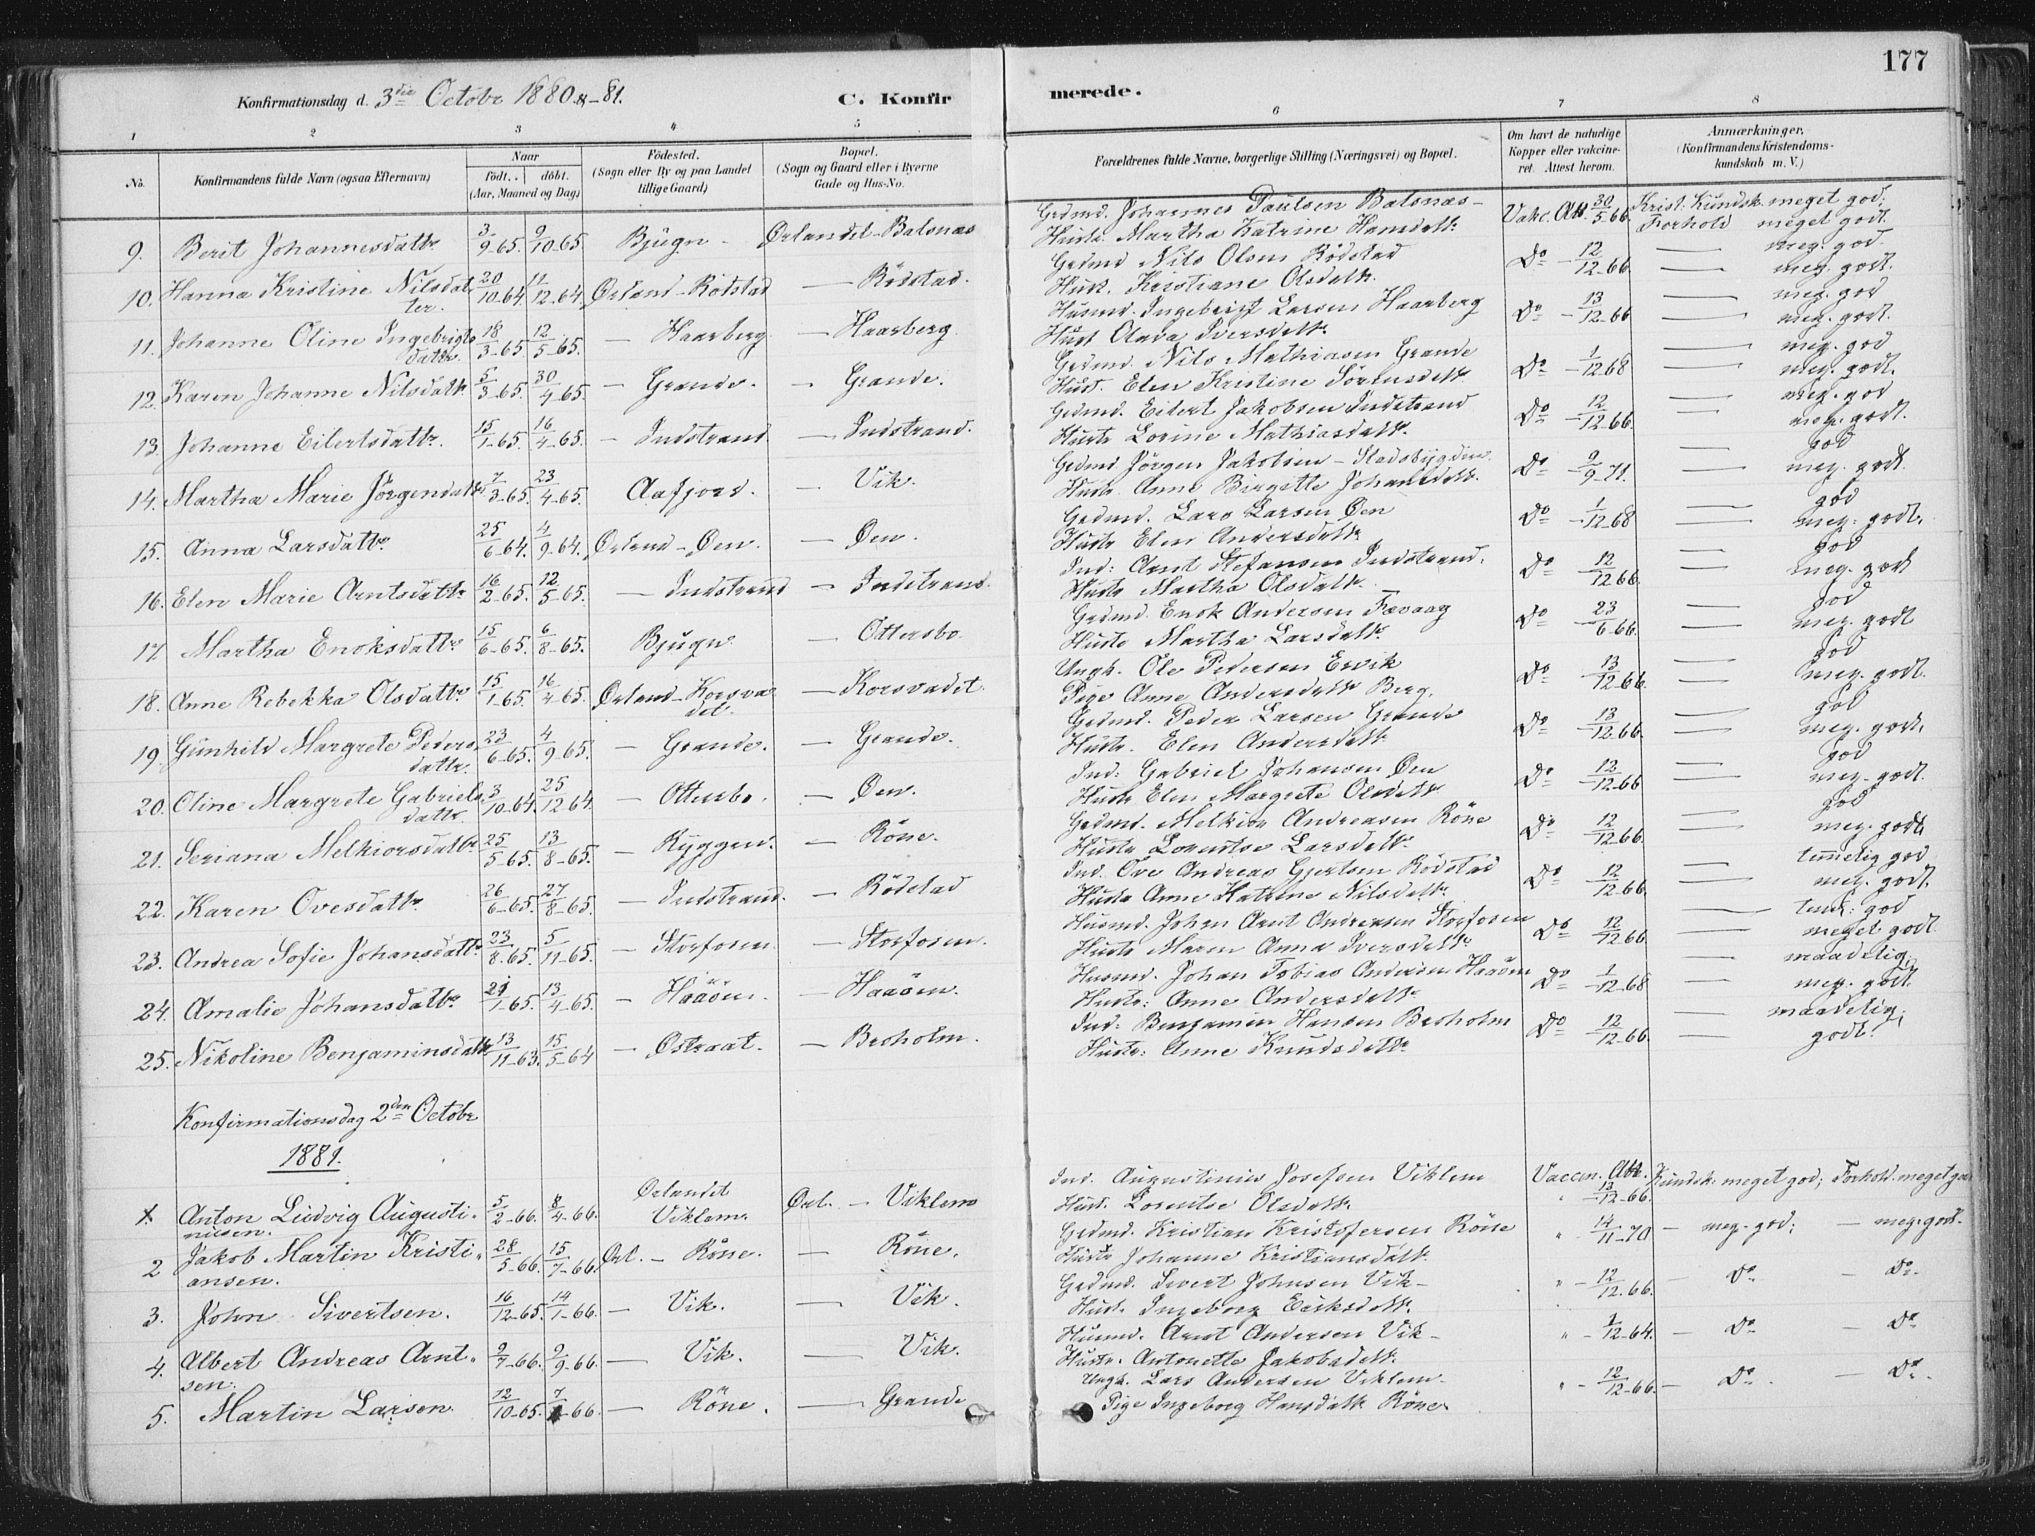 SAT, Ministerialprotokoller, klokkerbøker og fødselsregistre - Sør-Trøndelag, 659/L0739: Ministerialbok nr. 659A09, 1879-1893, s. 177